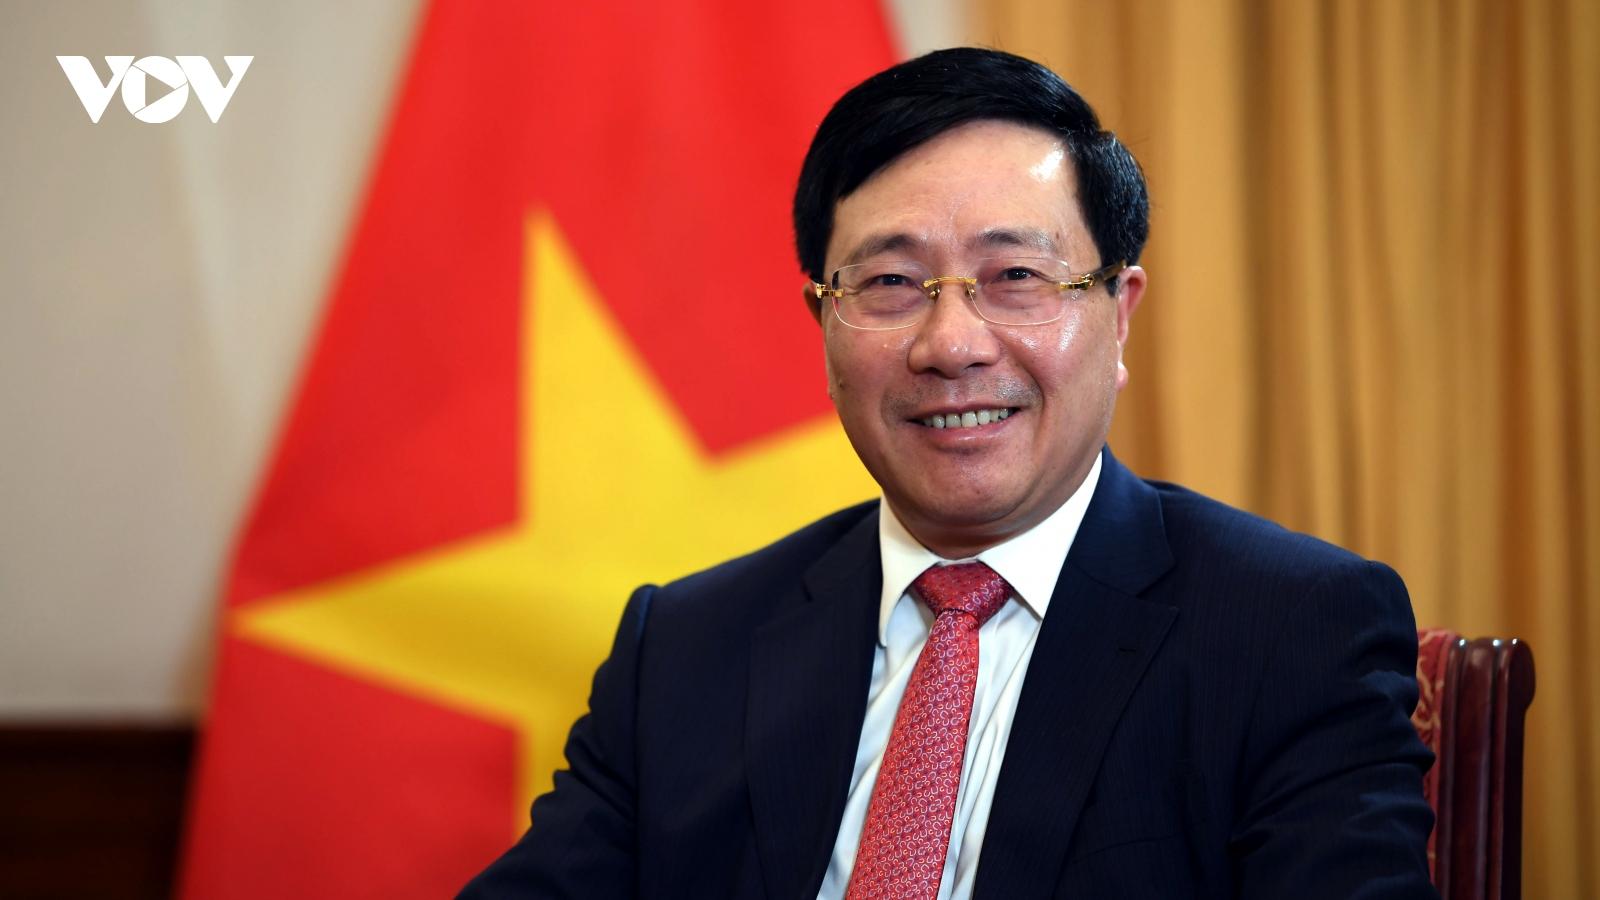 Năm 2020 ghi nhận nhu cầu bảo hộ công dân Việt Nam ở nước ngoài lớn chưa từng có